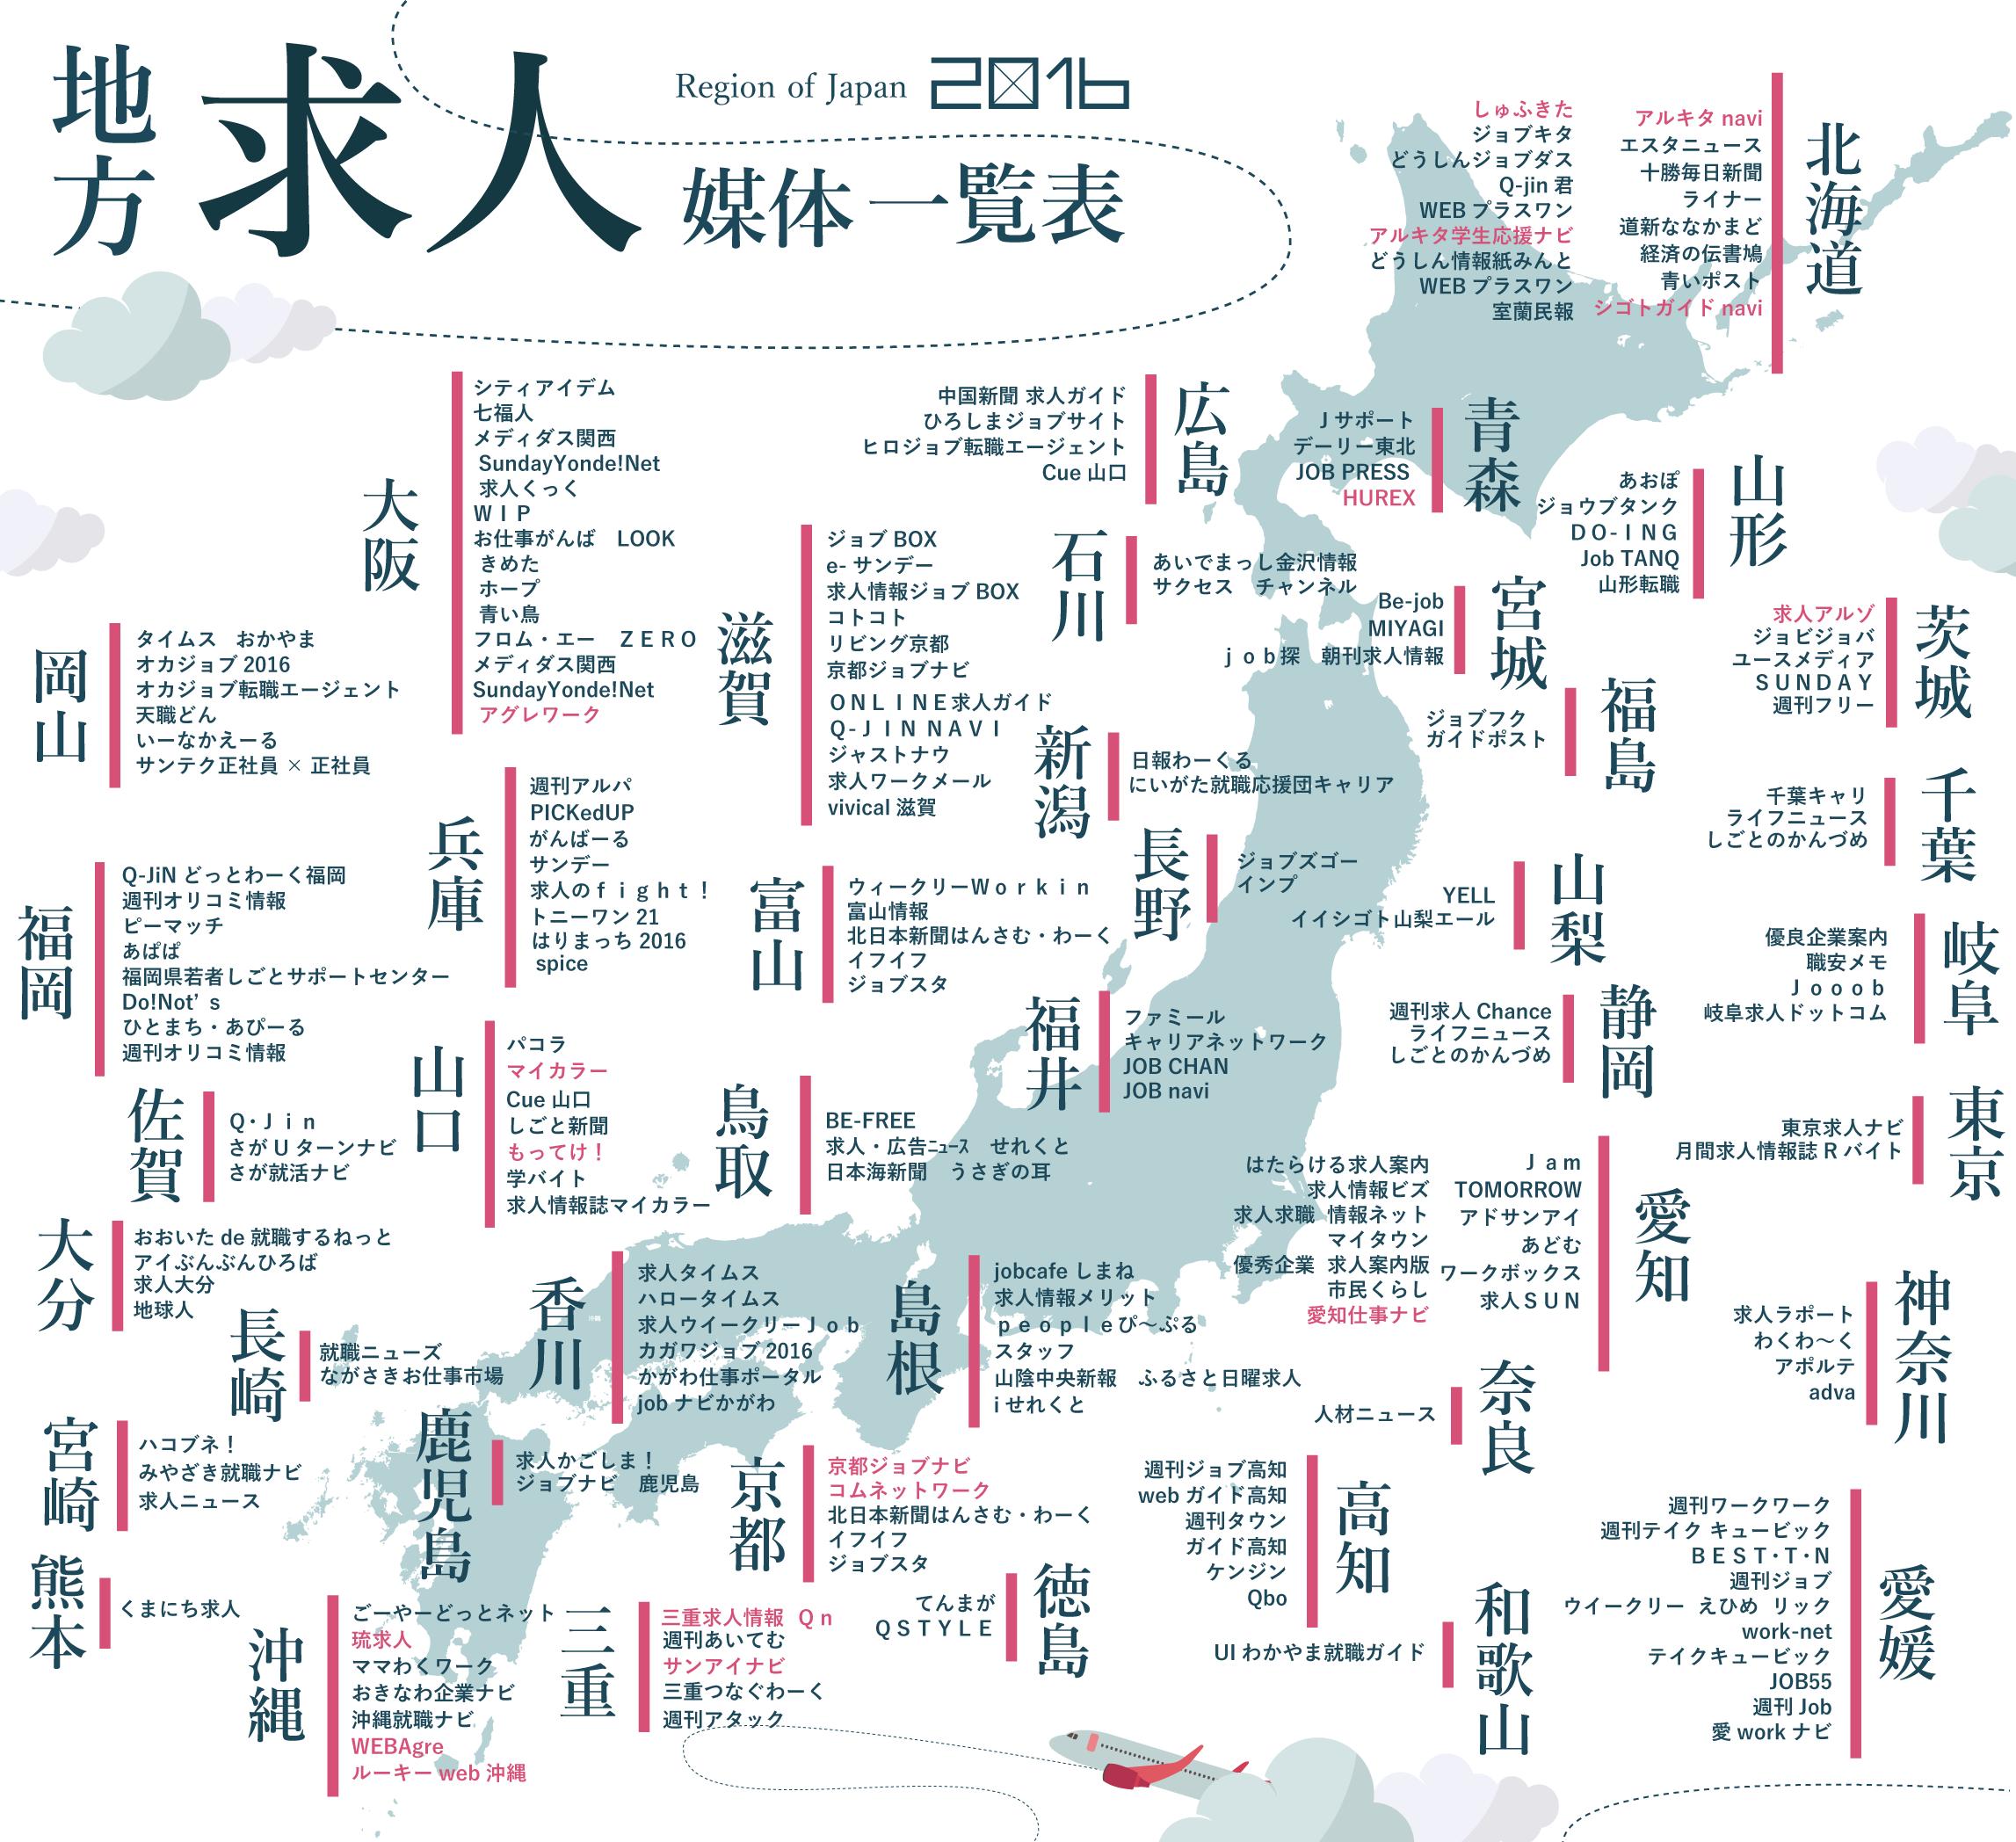 【47都道府県別】地方に強い求人媒体一覧表 – 2016年版